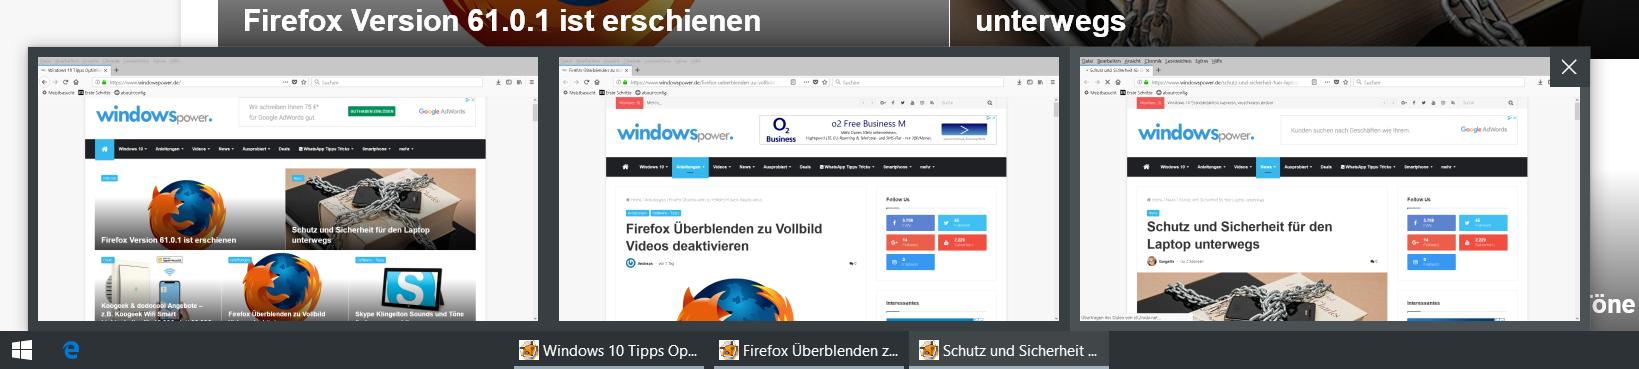 vorschau bilder - Windows 10 statt Vorschaubilder nur Text in der Taskleiste